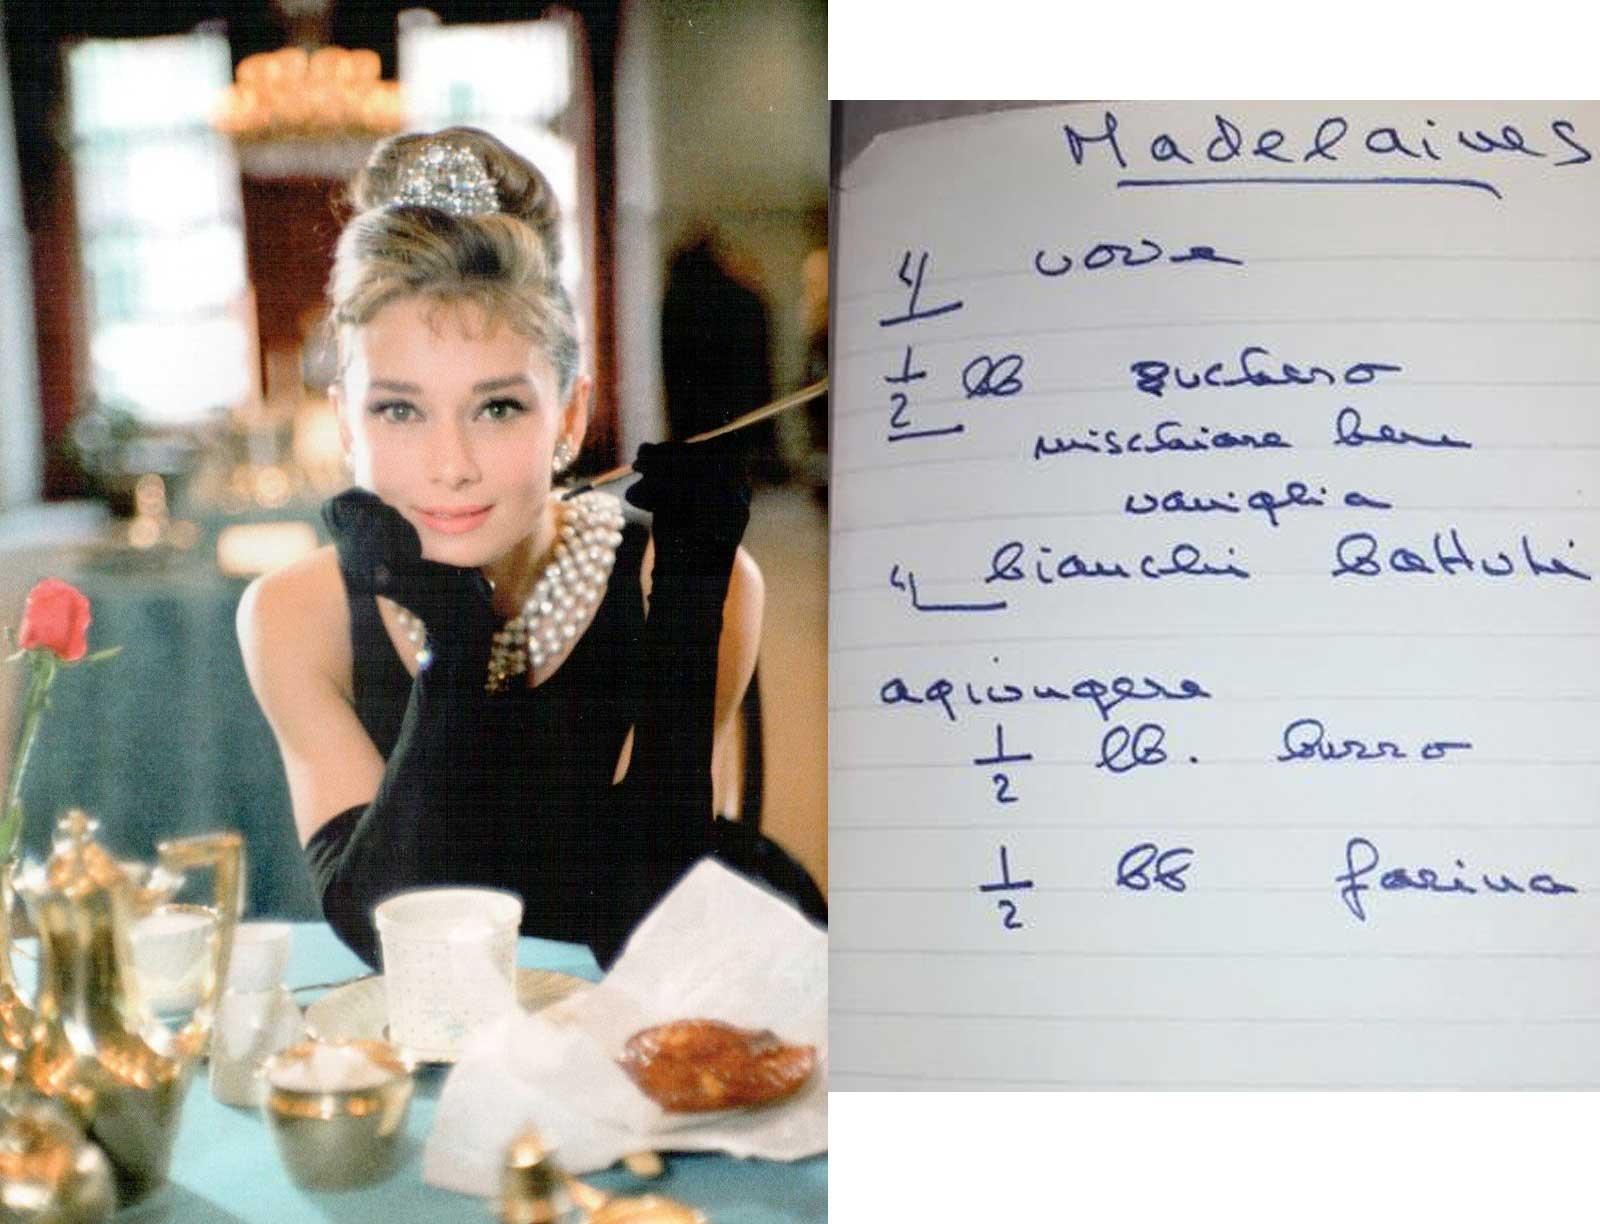 A receita de madeleines, copiada por ela.